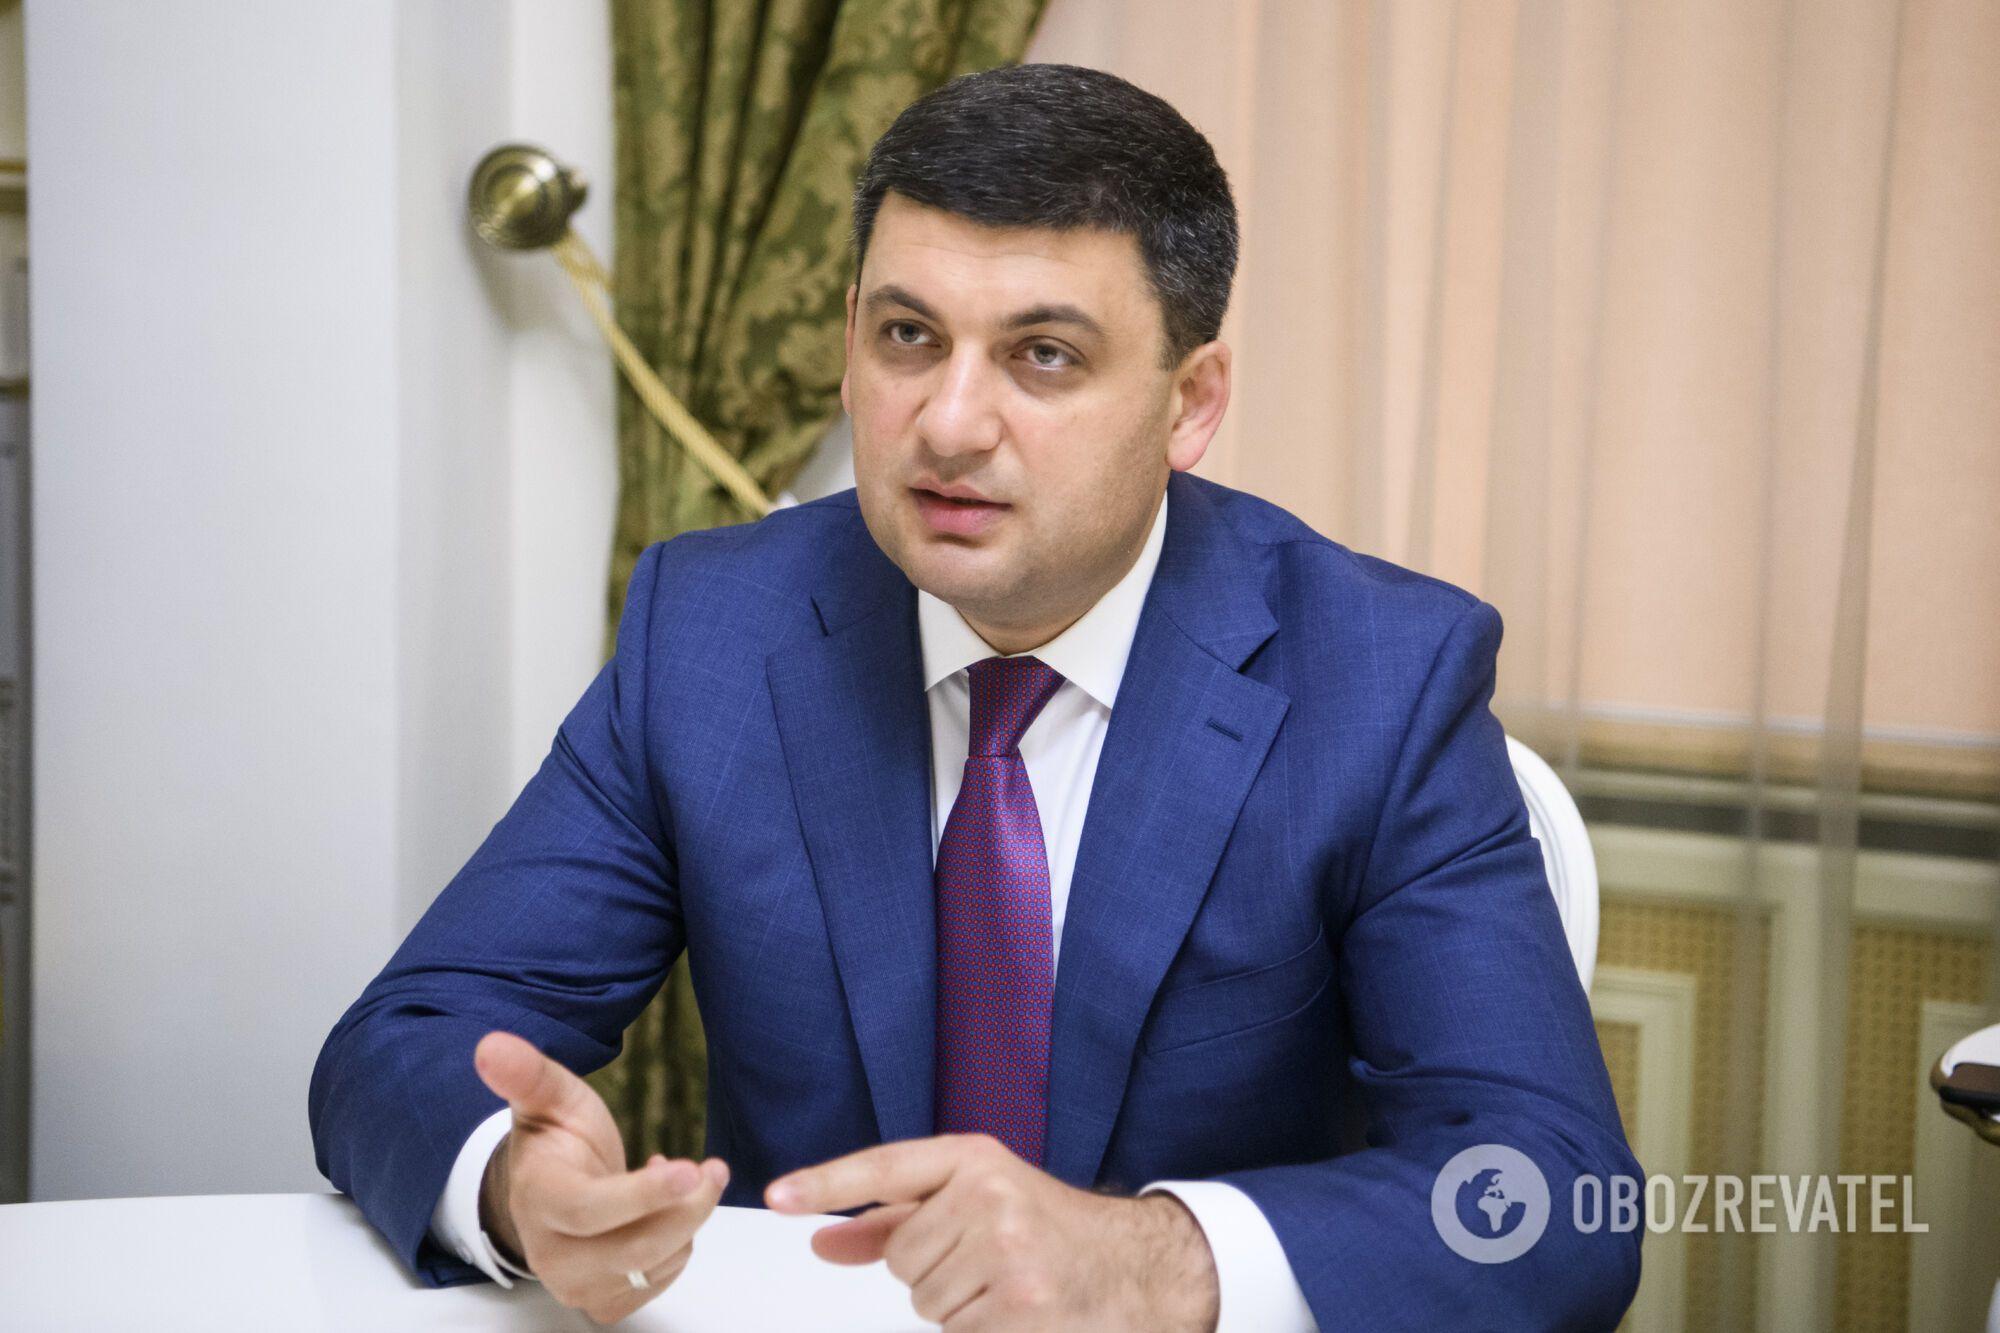 Украине нужна новая Конституция с усилением роли премьера - Гройсман